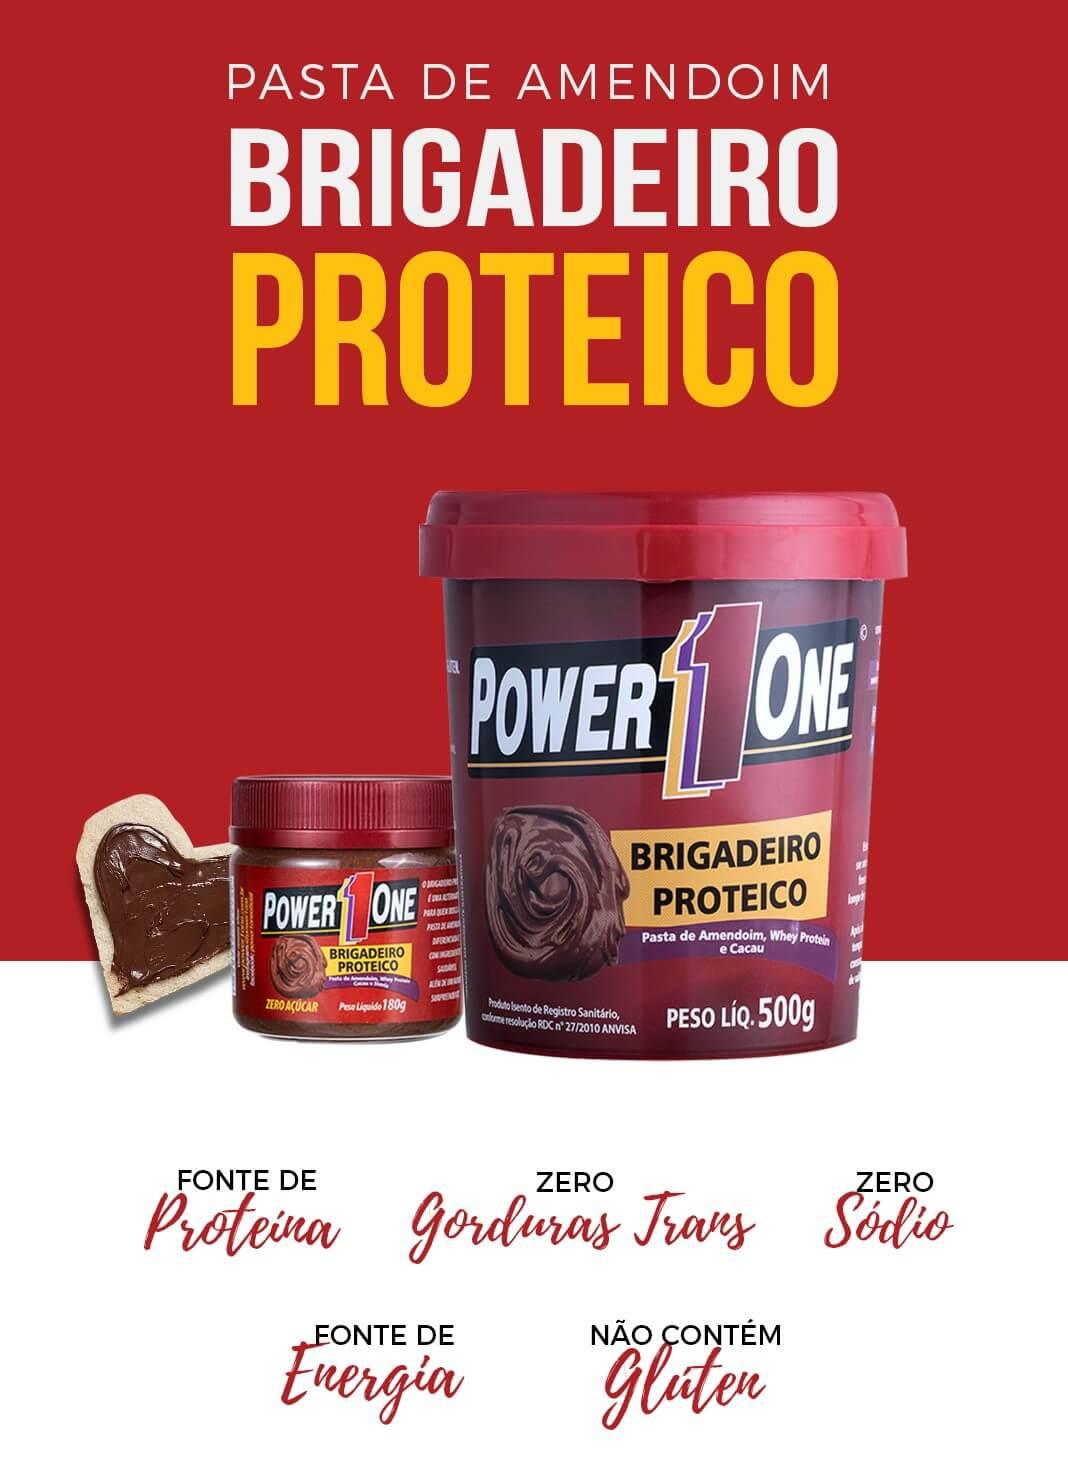 PASTA DE AMENDOIM BRIGADEIRO PROTEICO 500g